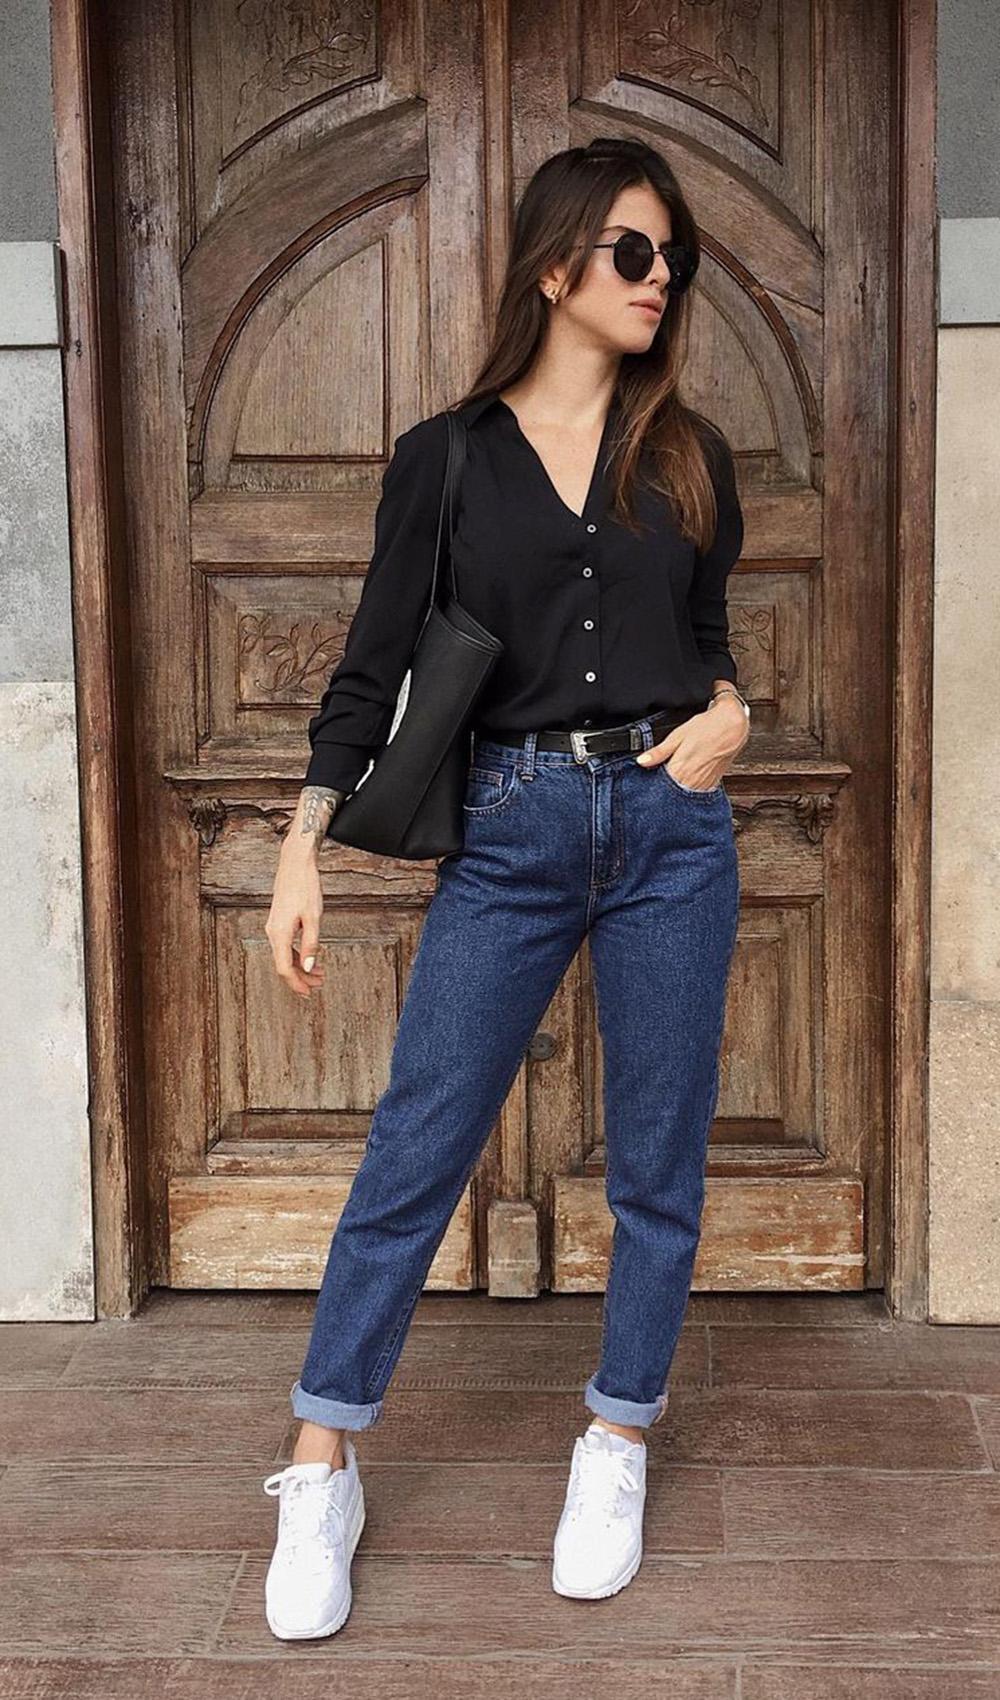 mom jeans escuro, camisa preta com transparência e tênis branco